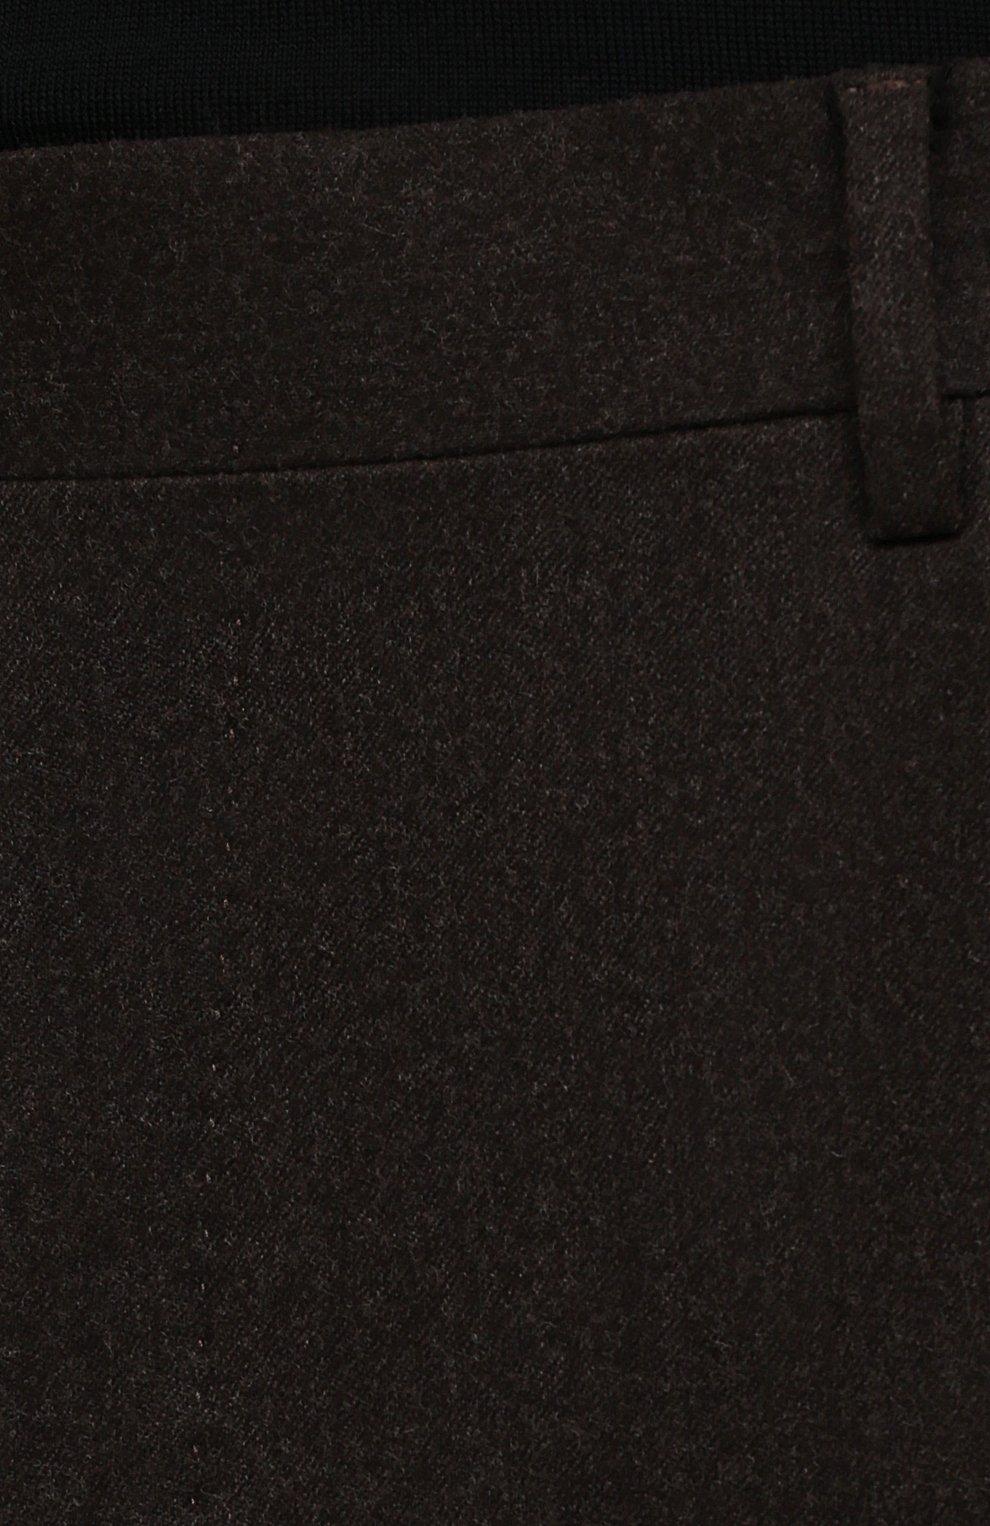 Мужские шерстяные брюки CORNELIANI коричневого цвета, арт. 885B01-1818111/02   Фото 5 (Материал внешний: Шерсть; Длина (брюки, джинсы): Стандартные; Случай: Формальный; Материал подклада: Вискоза; Стили: Кэжуэл)